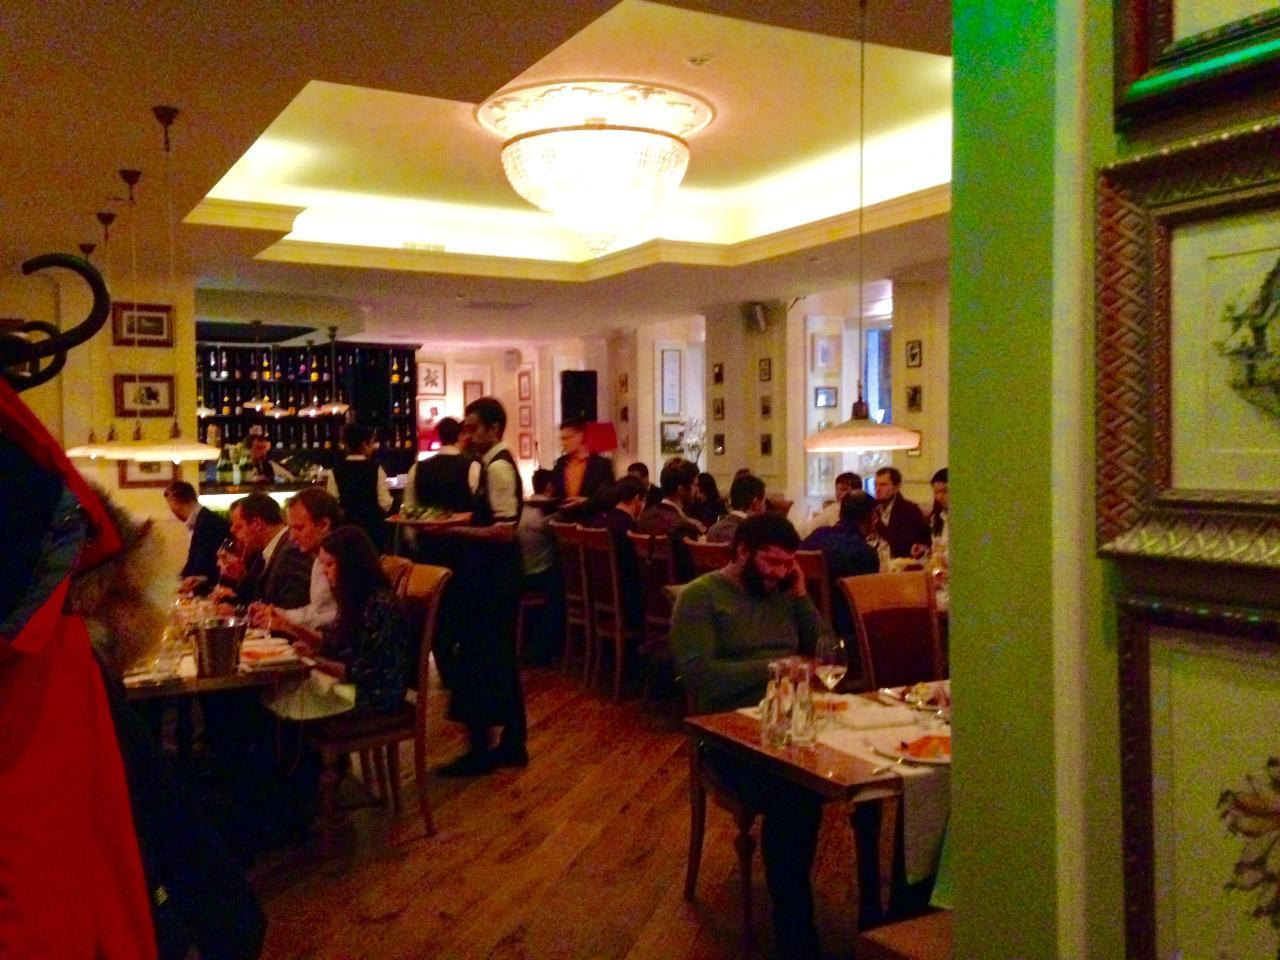 Ресторан Nord 55 (Норд 55) фото 7